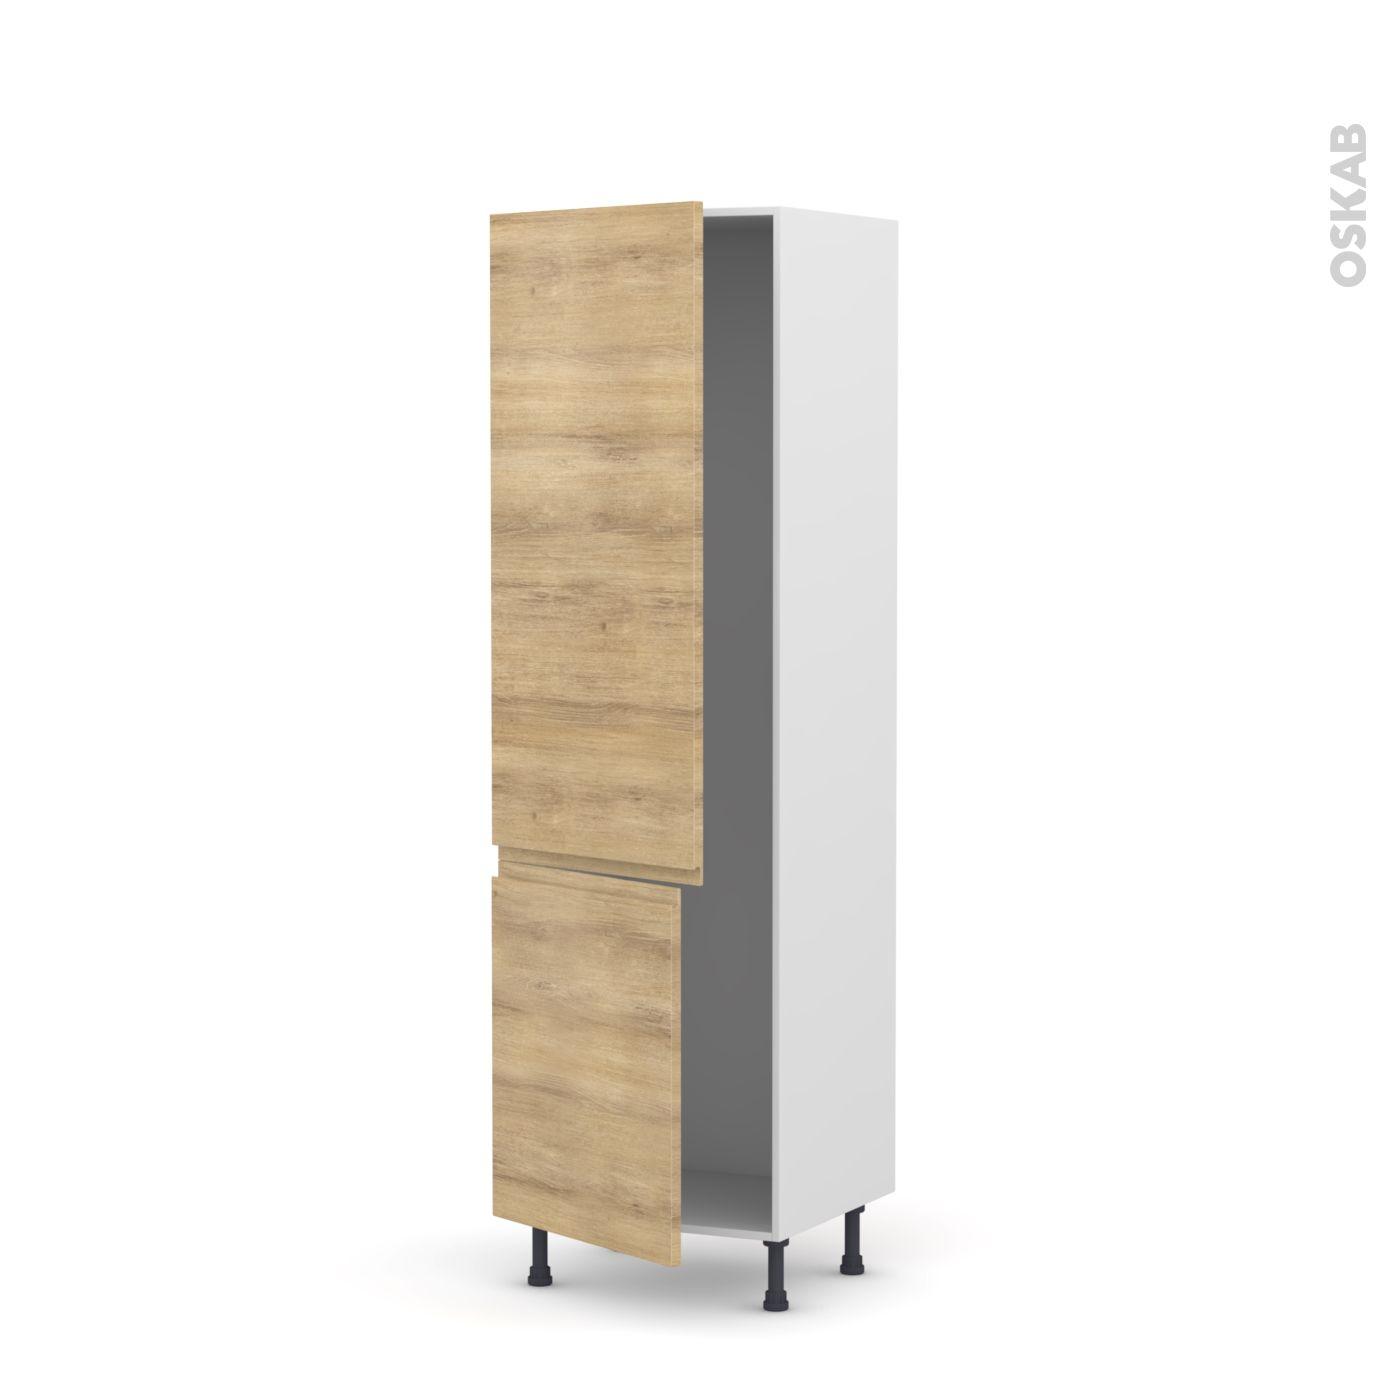 colonne de cuisine n°2721 armoire frigo encastrable ipoma chêne